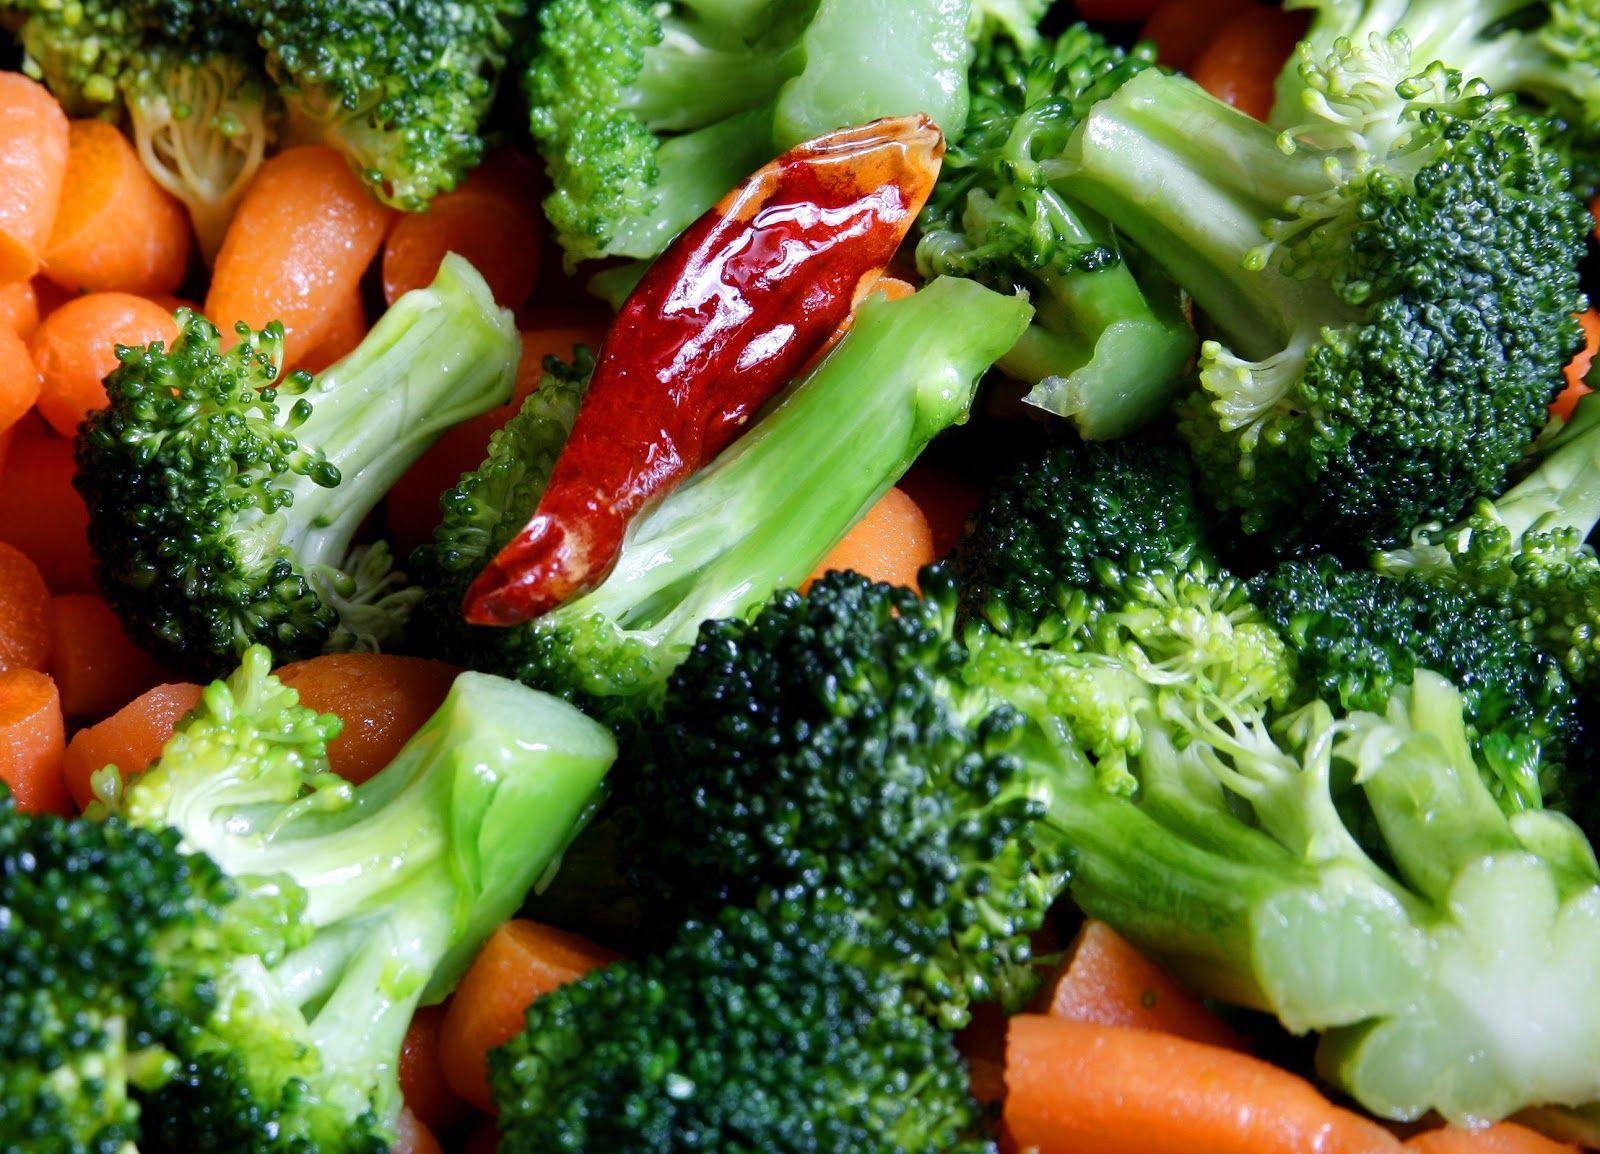 Le verdure che contengono nichel